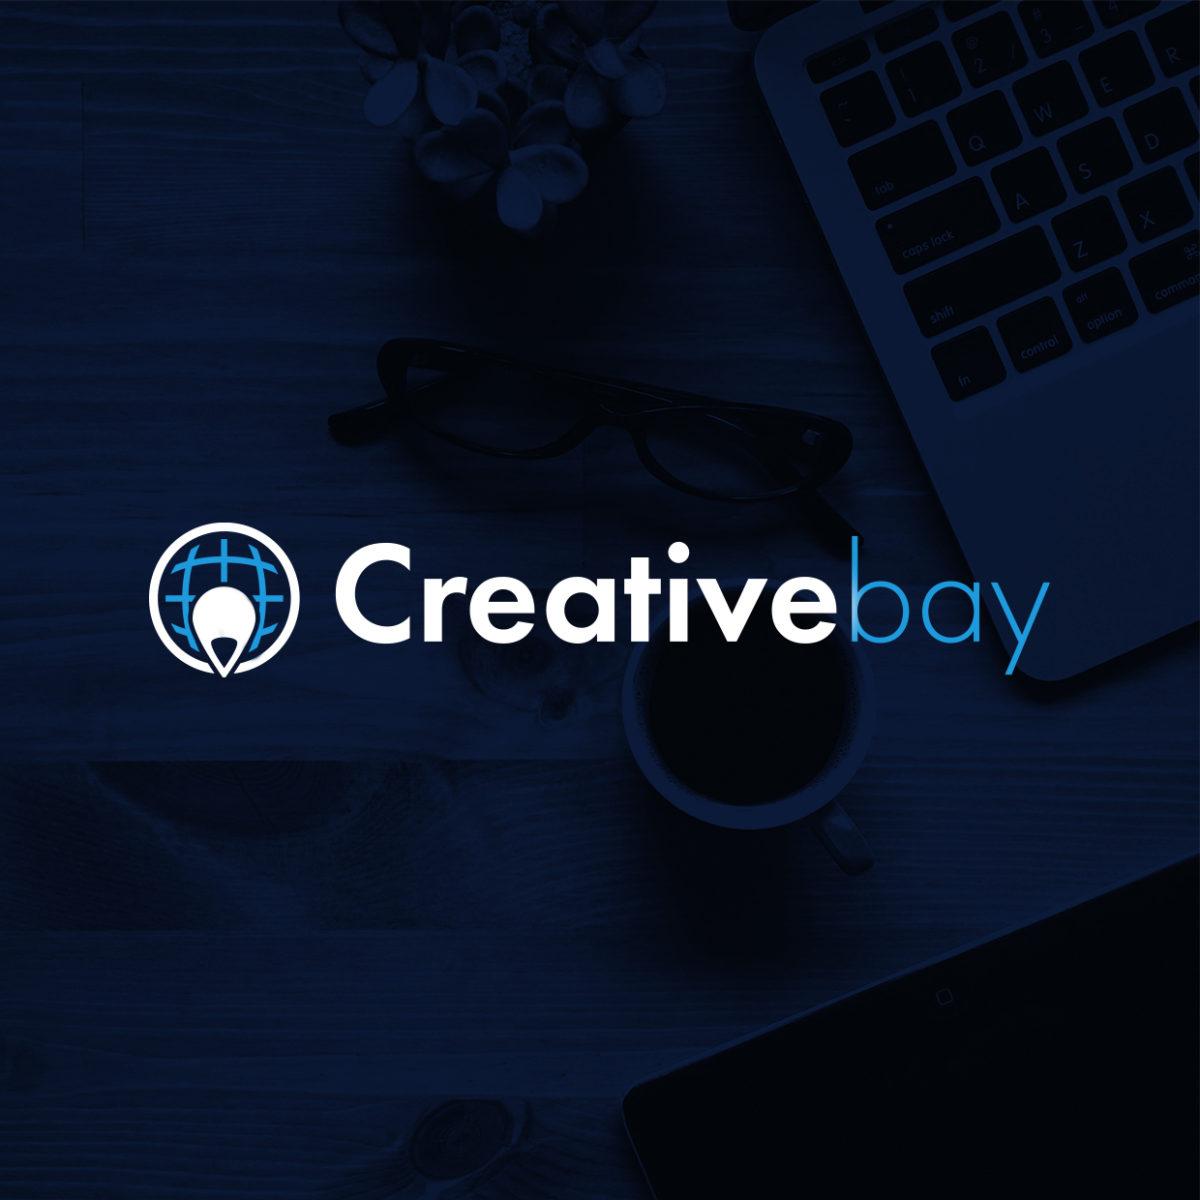 Logo Creativebay proyecto diseño